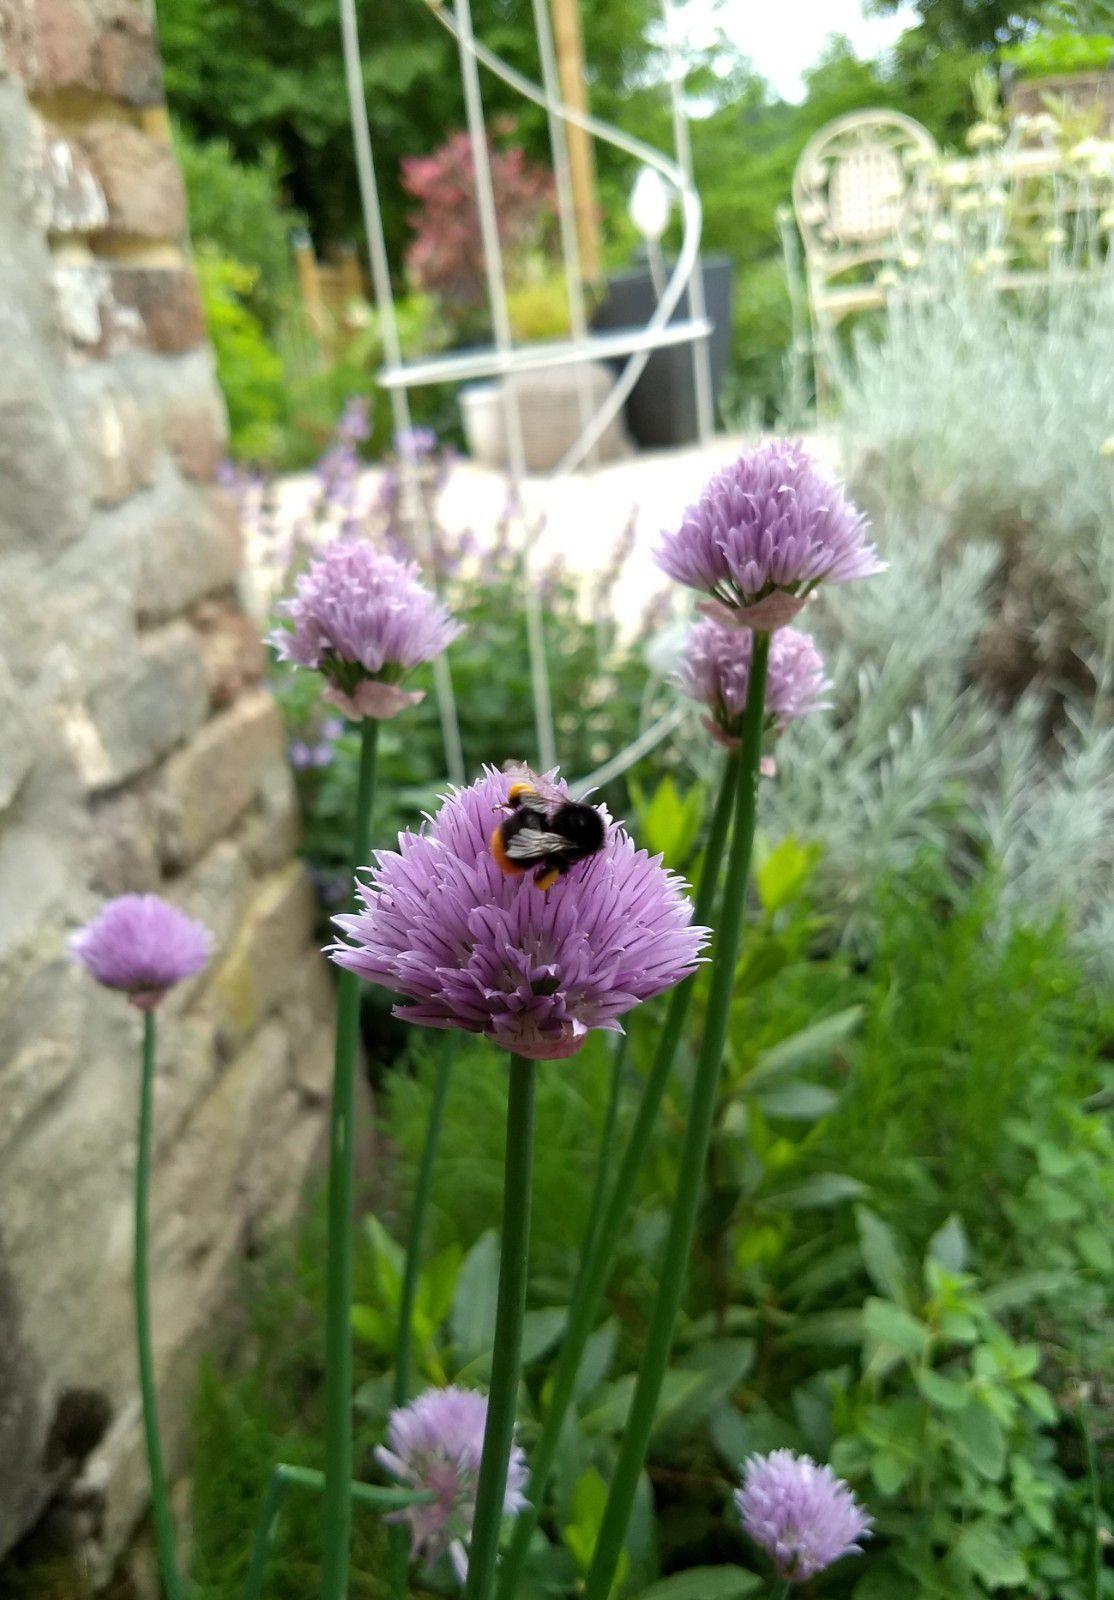 Petit tour au jardin de bon matin